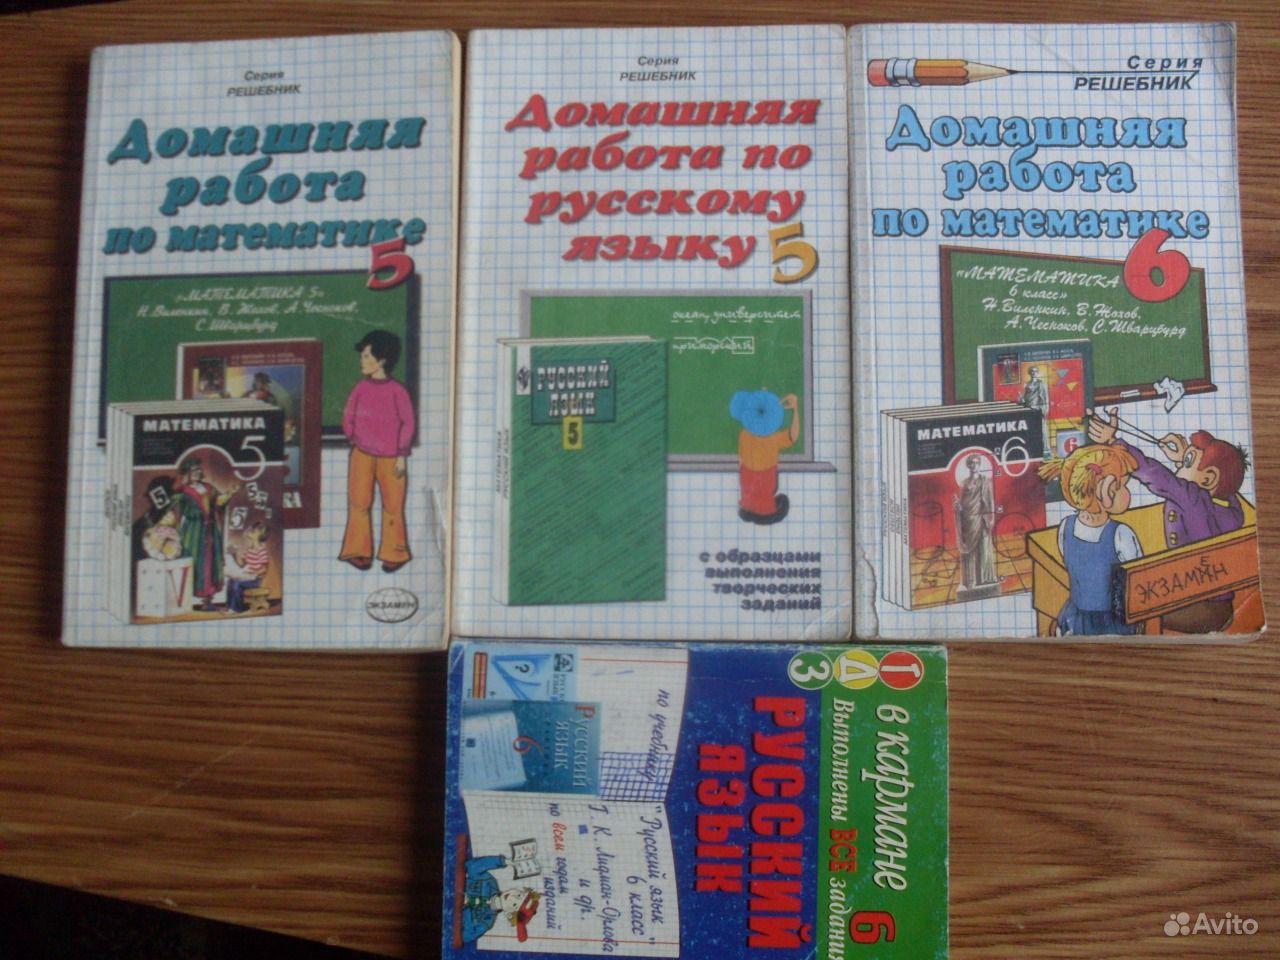 тпахомова англйська мова 5 клас розвязник